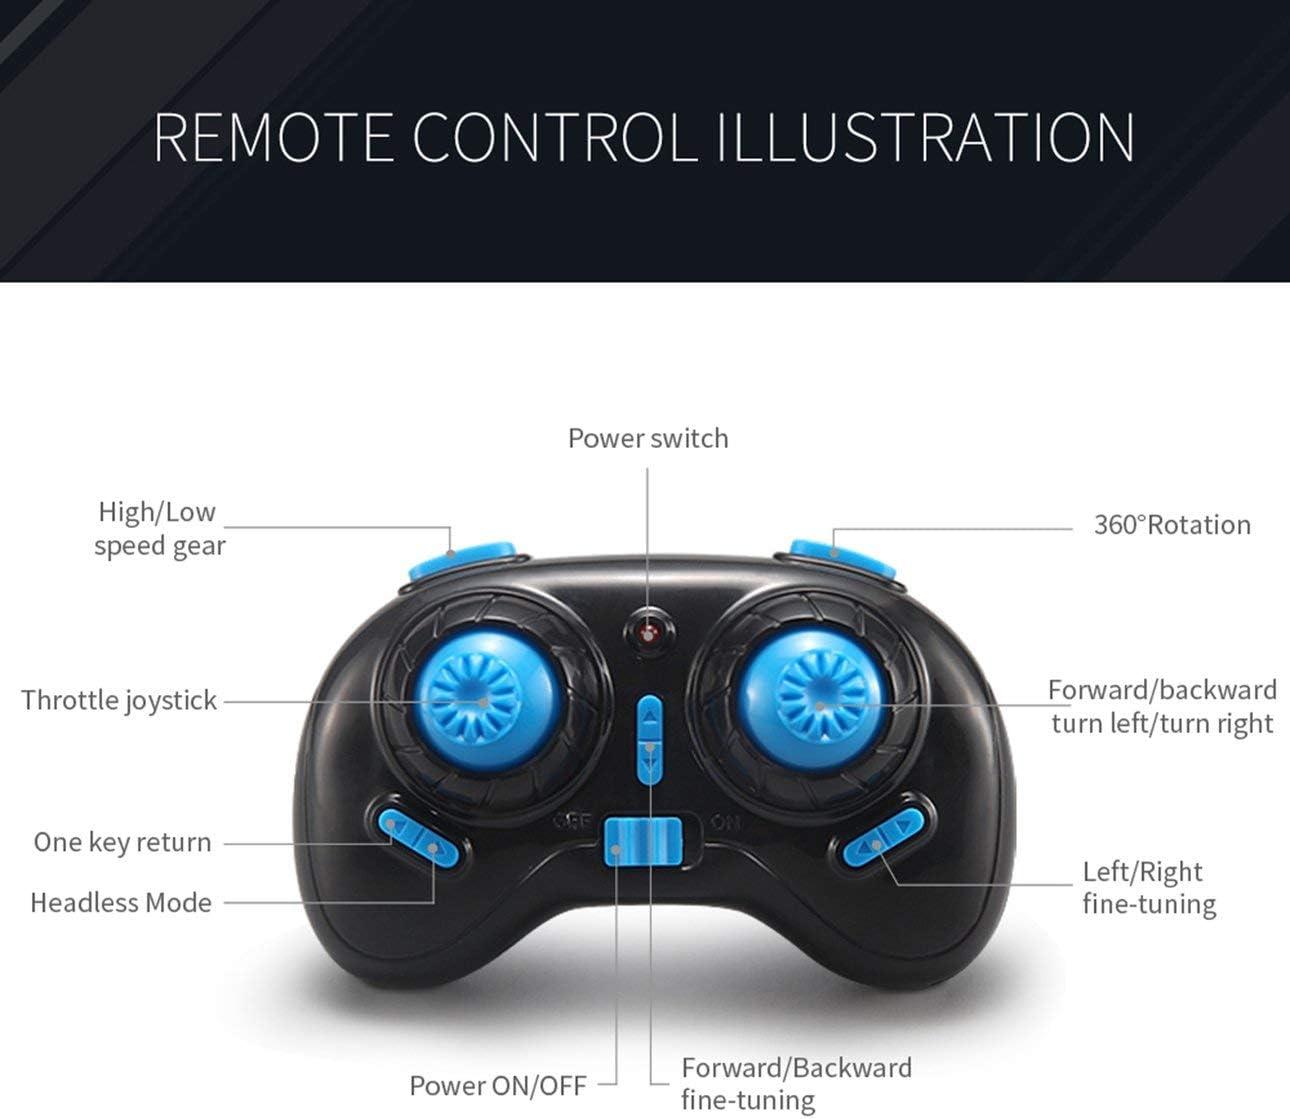 Deniseonuk H36 Mini Drone Rc Drone Quadcopters avec Mode sans Tête Une Clé Retour Six Axes Rc Hélicoptère Jouets Cadeau pour Enfants Bleu